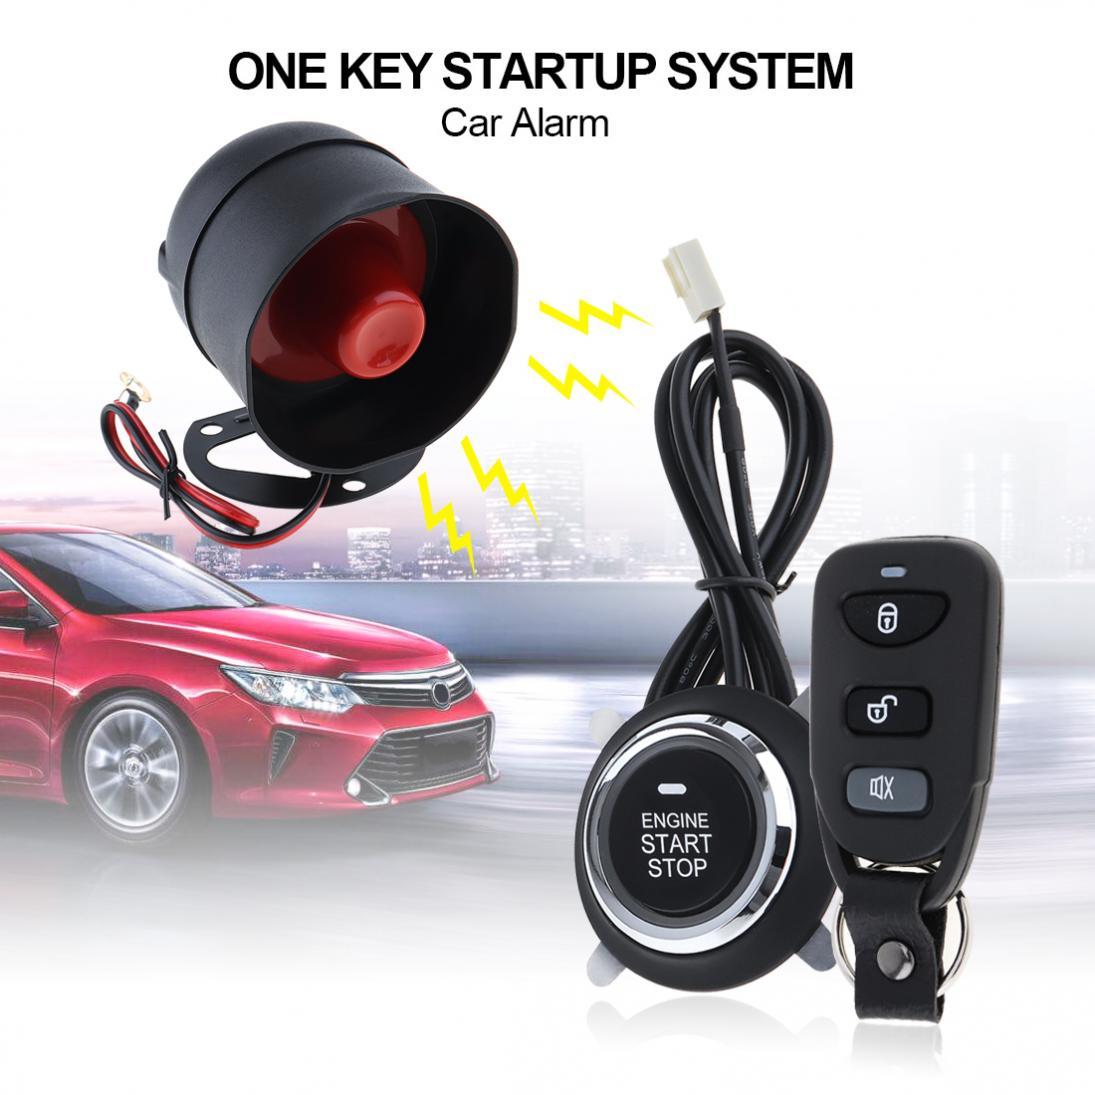 Système d'alarme de voiture universel 12V système de démarrage automatique à distance avec verrouillage Central automatique et entrée sans clé 5A avec clé 4